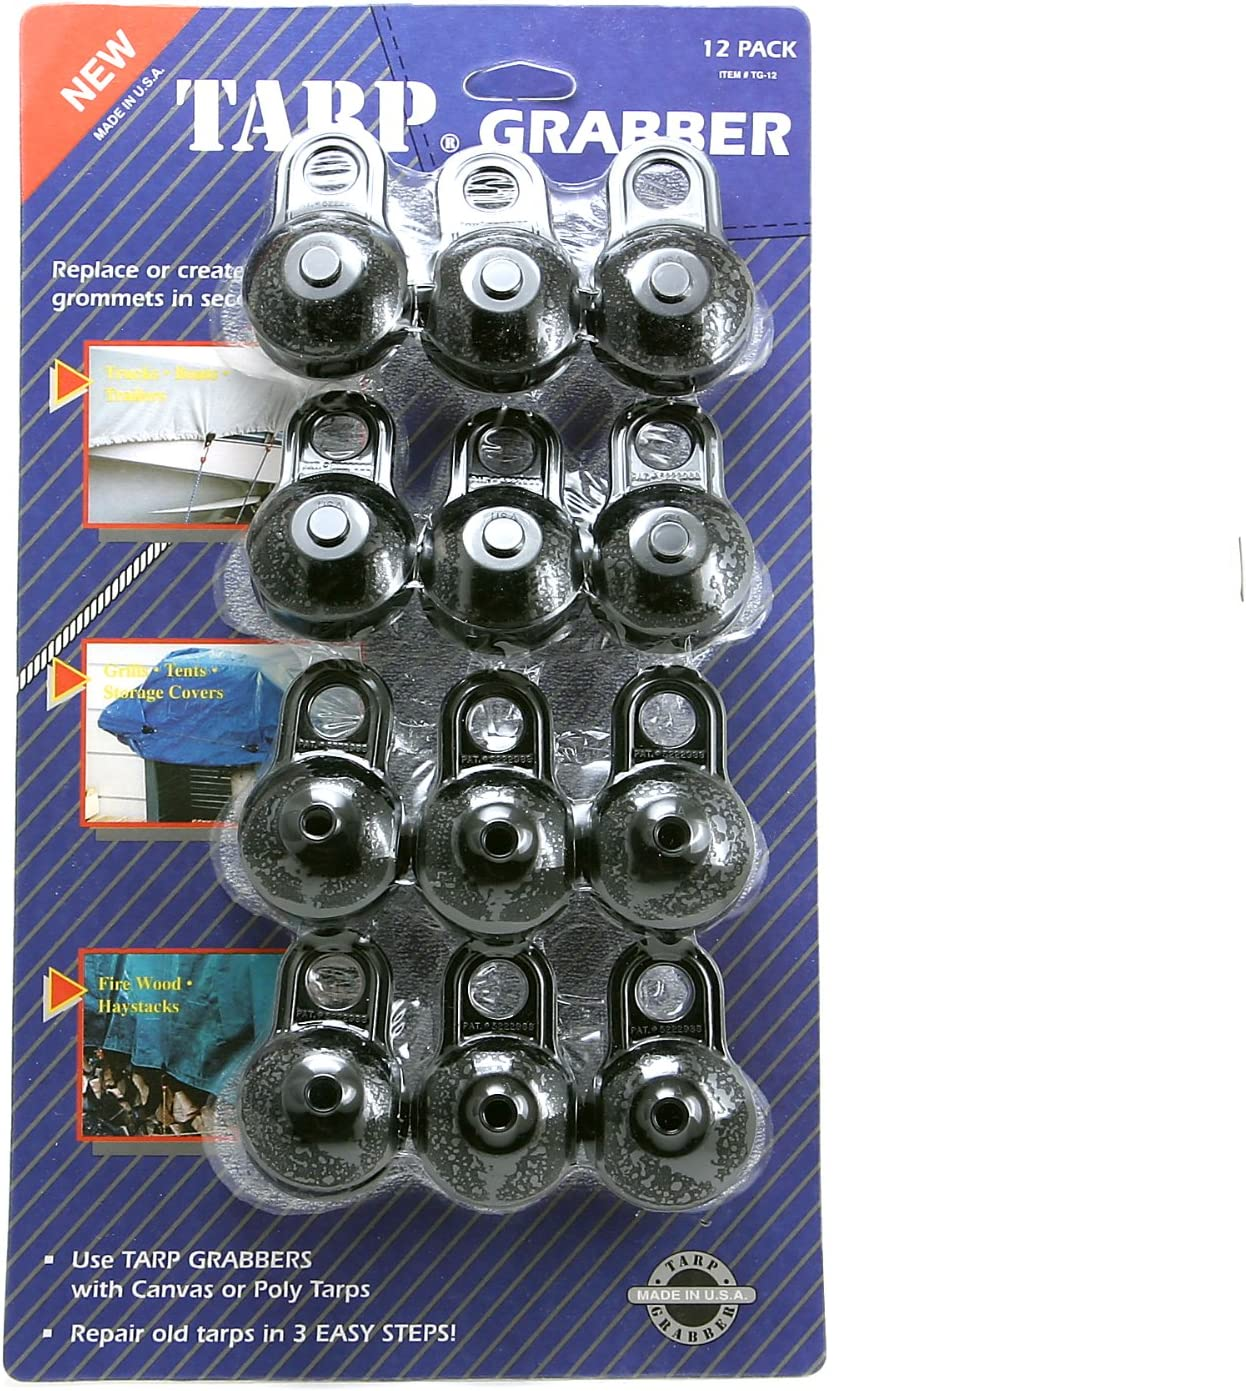 12-Pack BAC Industries Tarp Grabbers TG-12 Tarp Grabbers